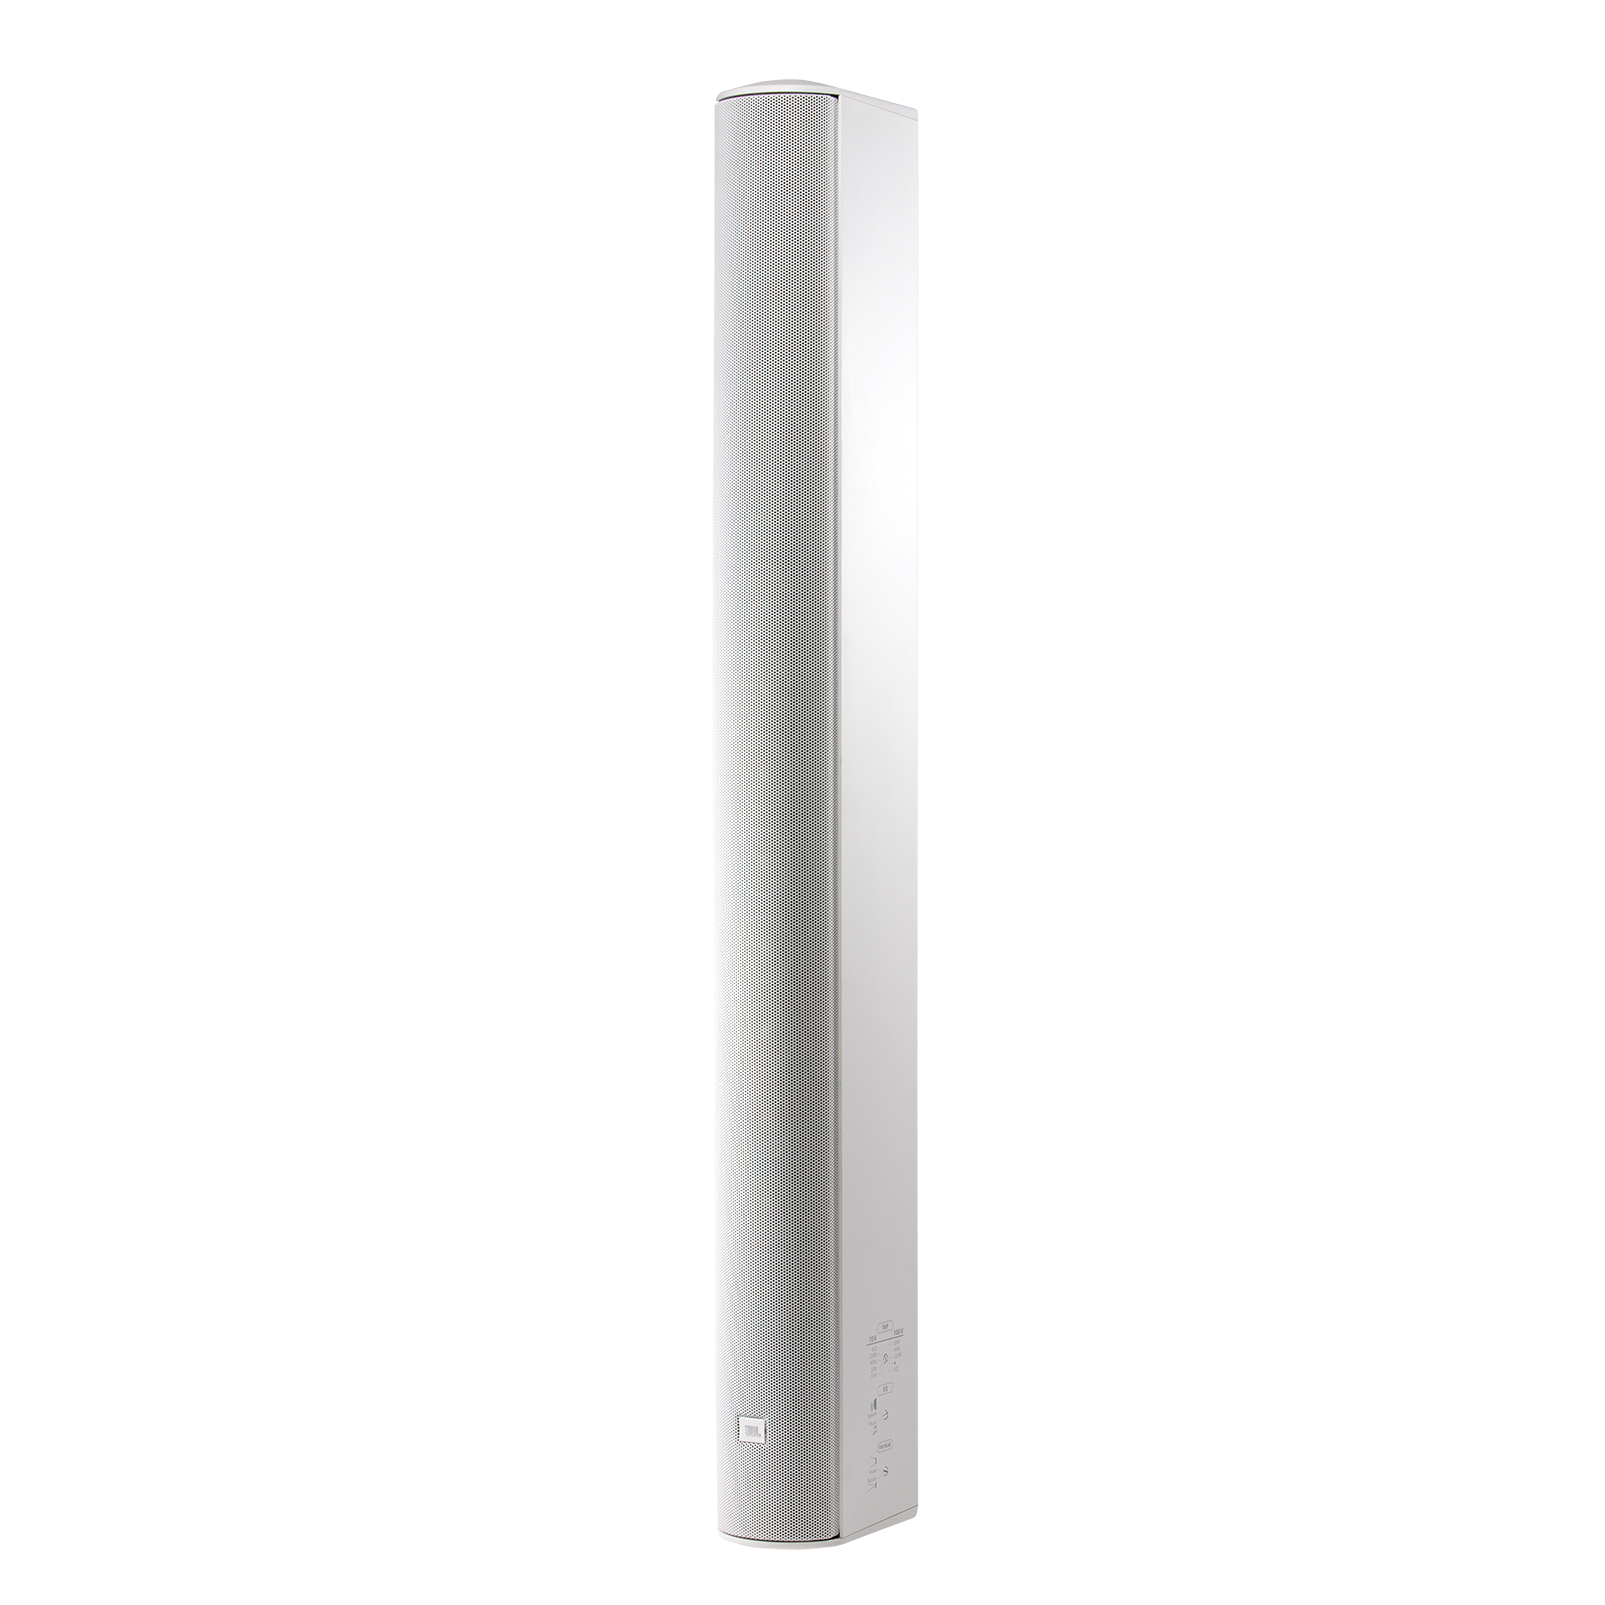 JBL CBT 100LA-1 - White - Constant Beamwidth Technology™ Line Array Column Loudspeaker - Hero